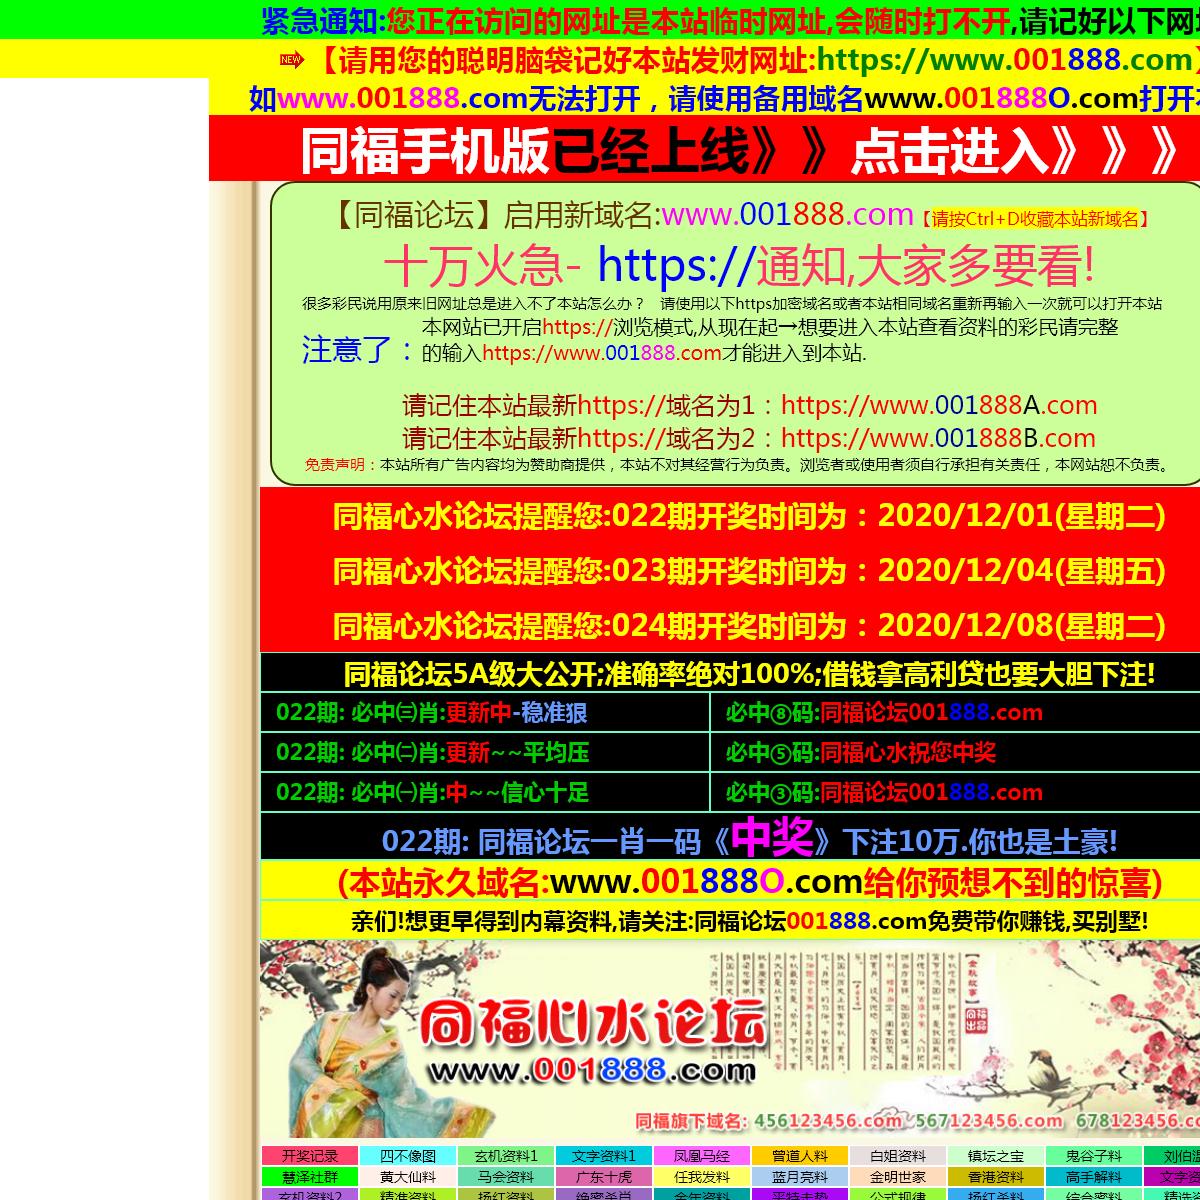 37118黄太仙论坛,3814七星高手论坛,香港金龙网,1185050.com——雨湖区地方资讯